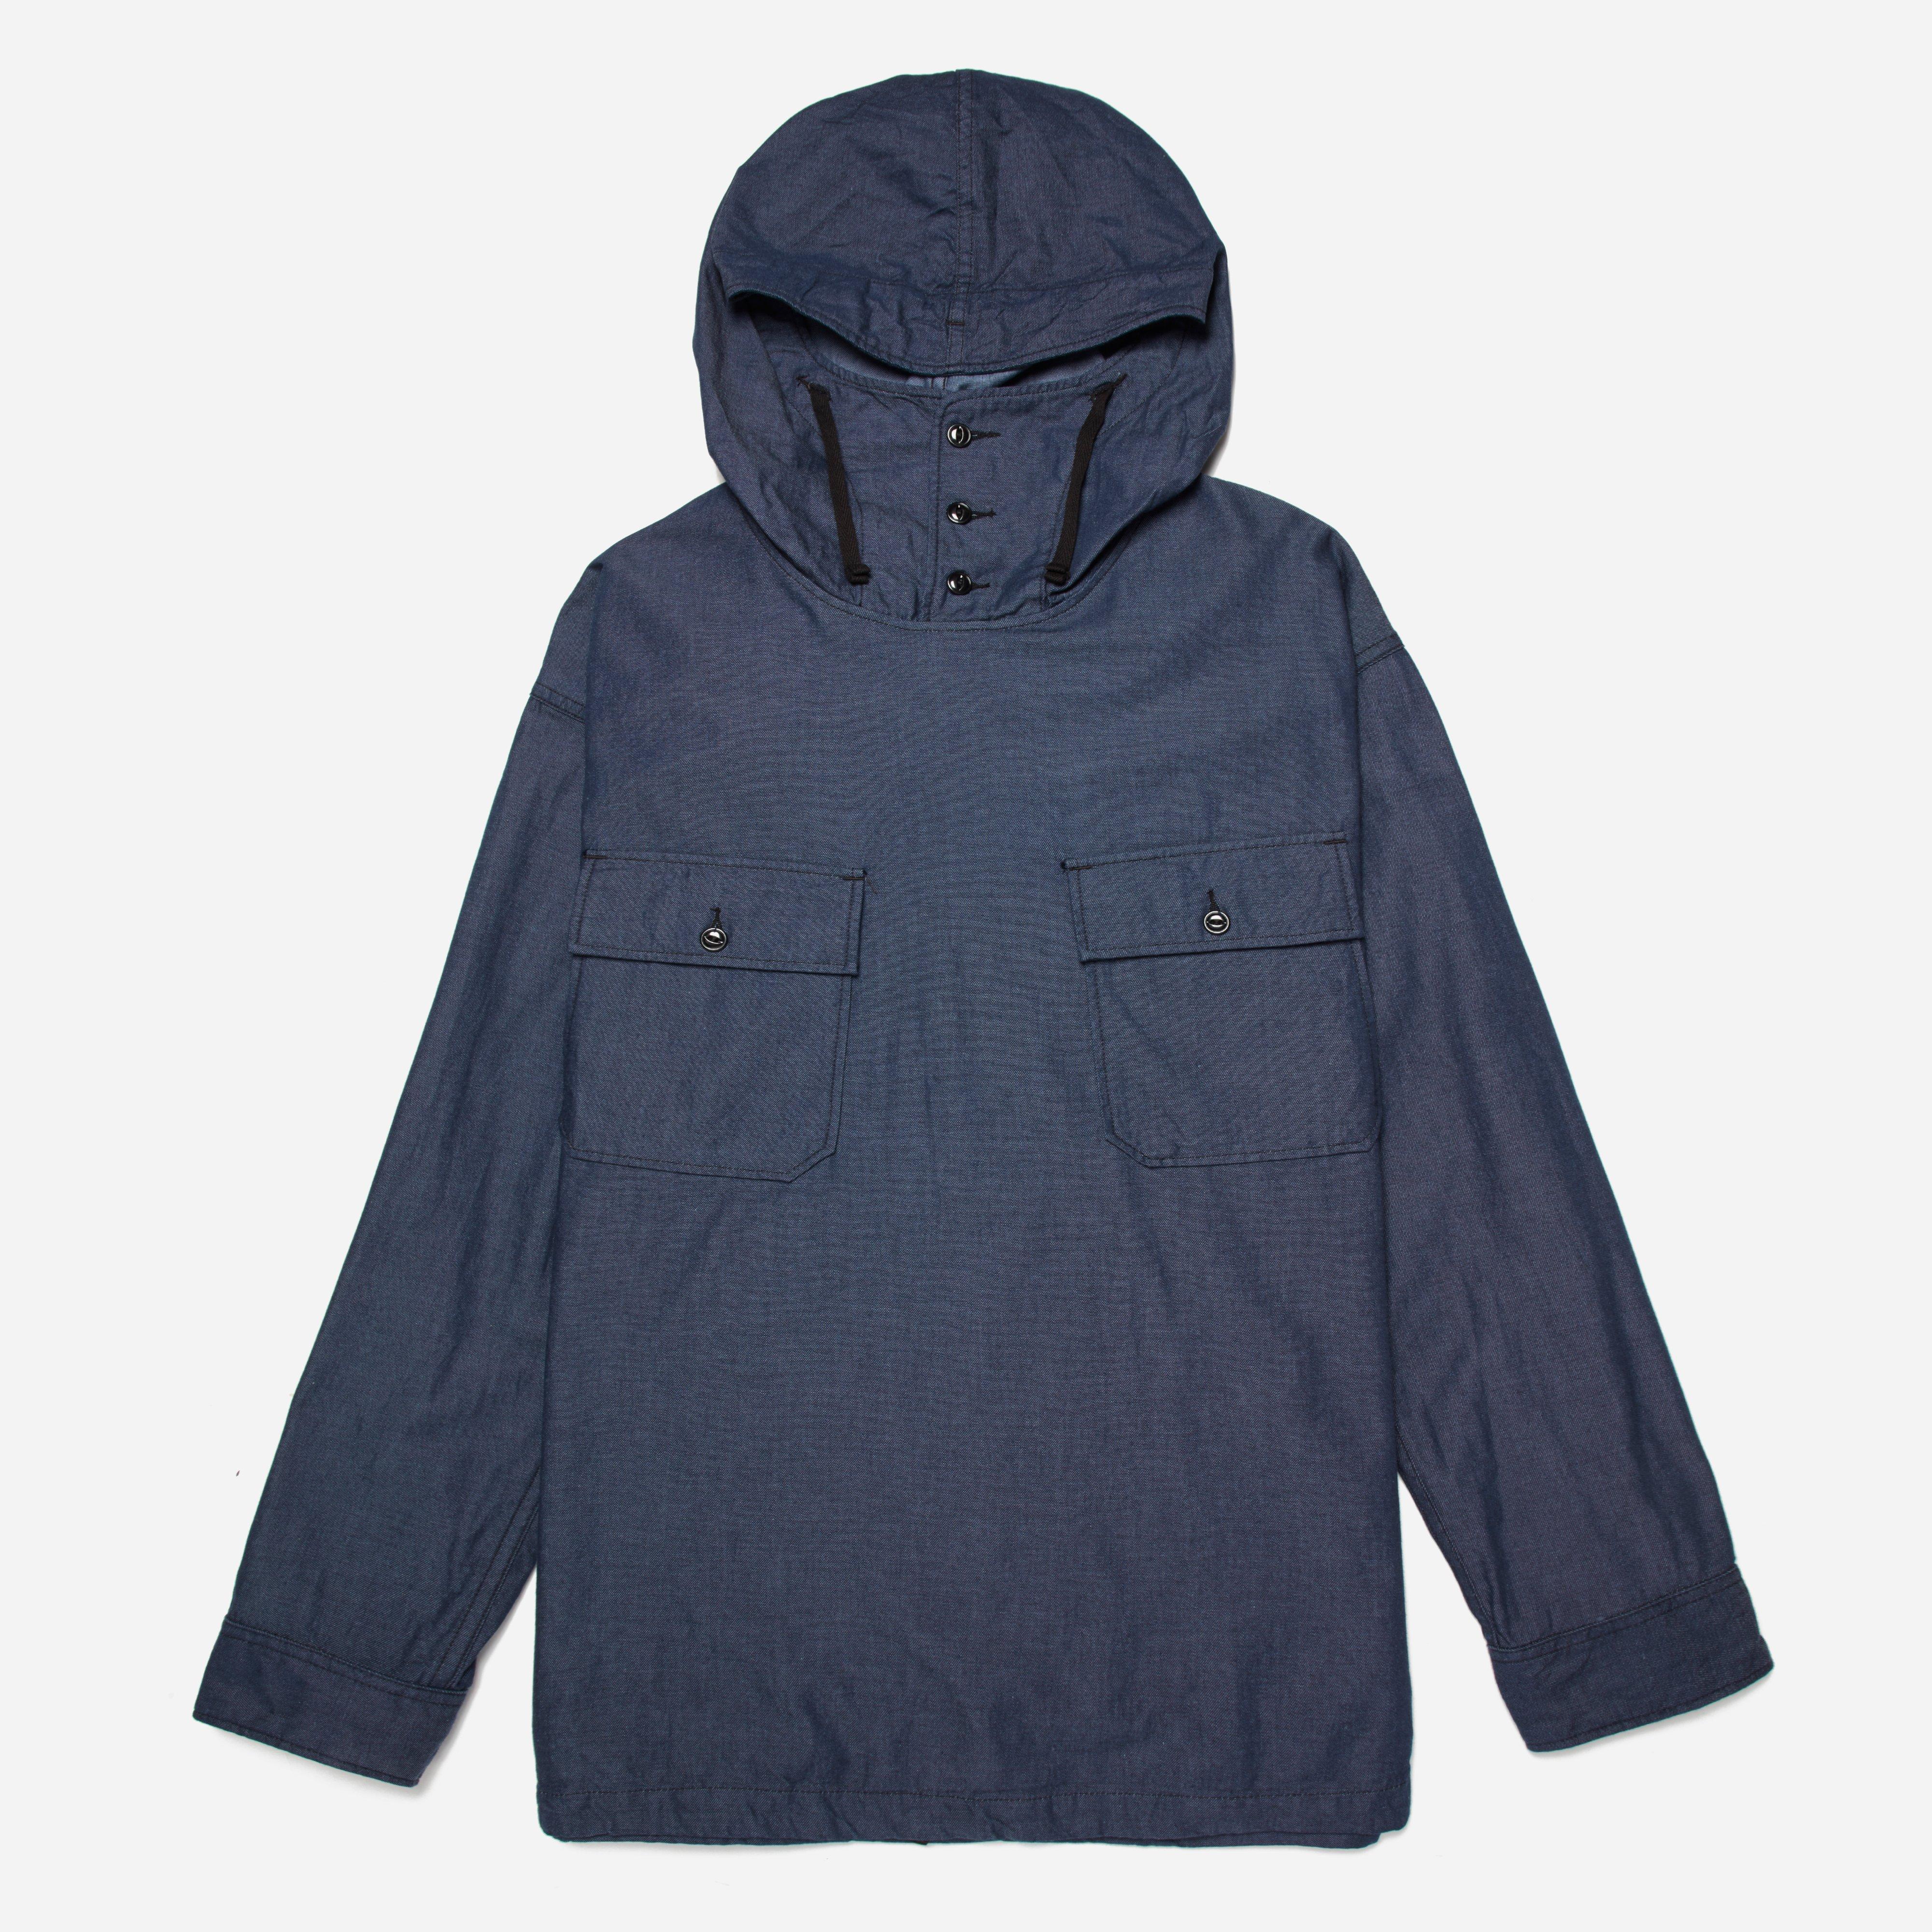 Engineered Garments Cagoule Shirt - Light Weight Denim